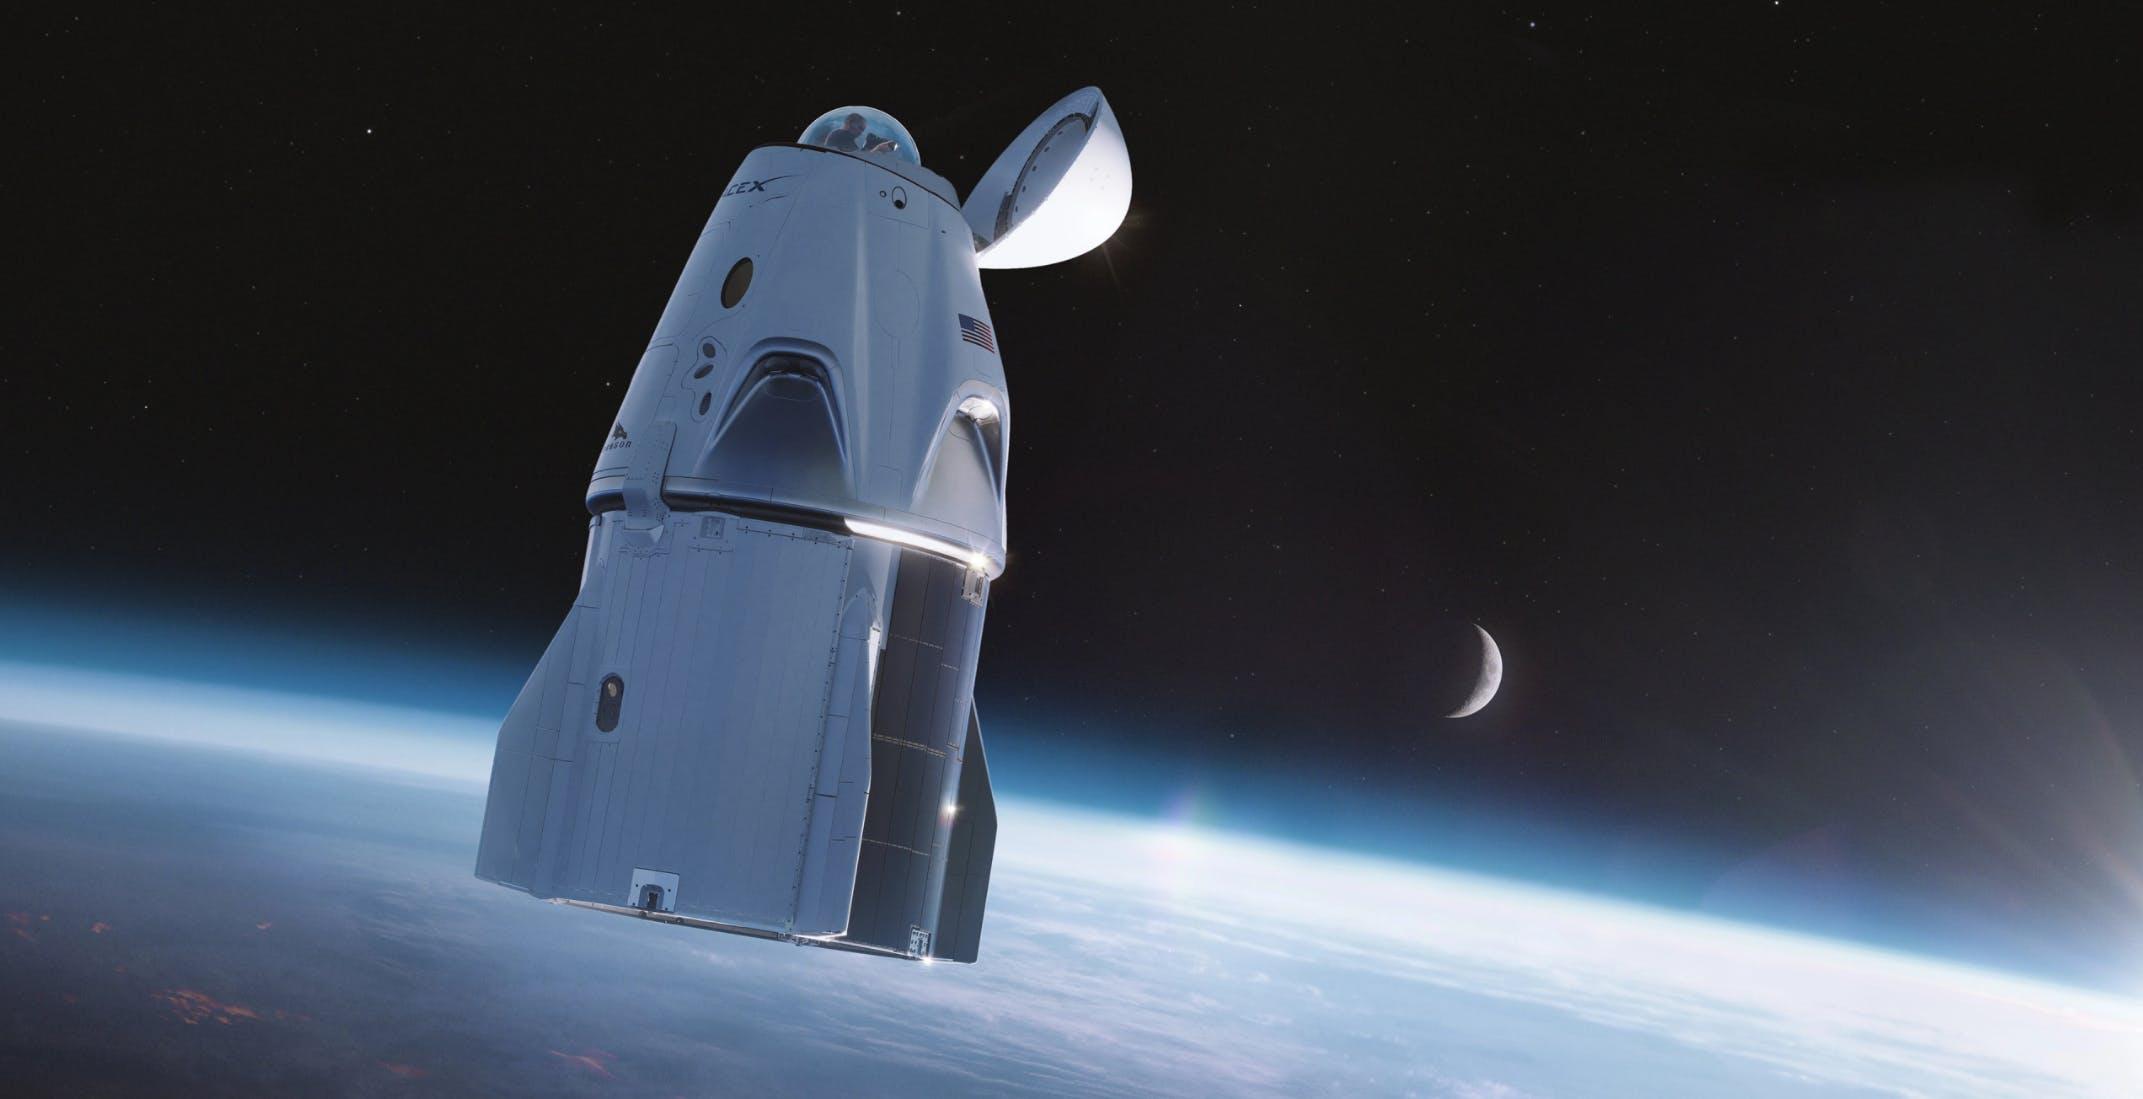 Inspiration4 è la missione di SpaceX che porterà per la prima volta quattro civili nell'orbita terrestre. Partenza il 15 settembre